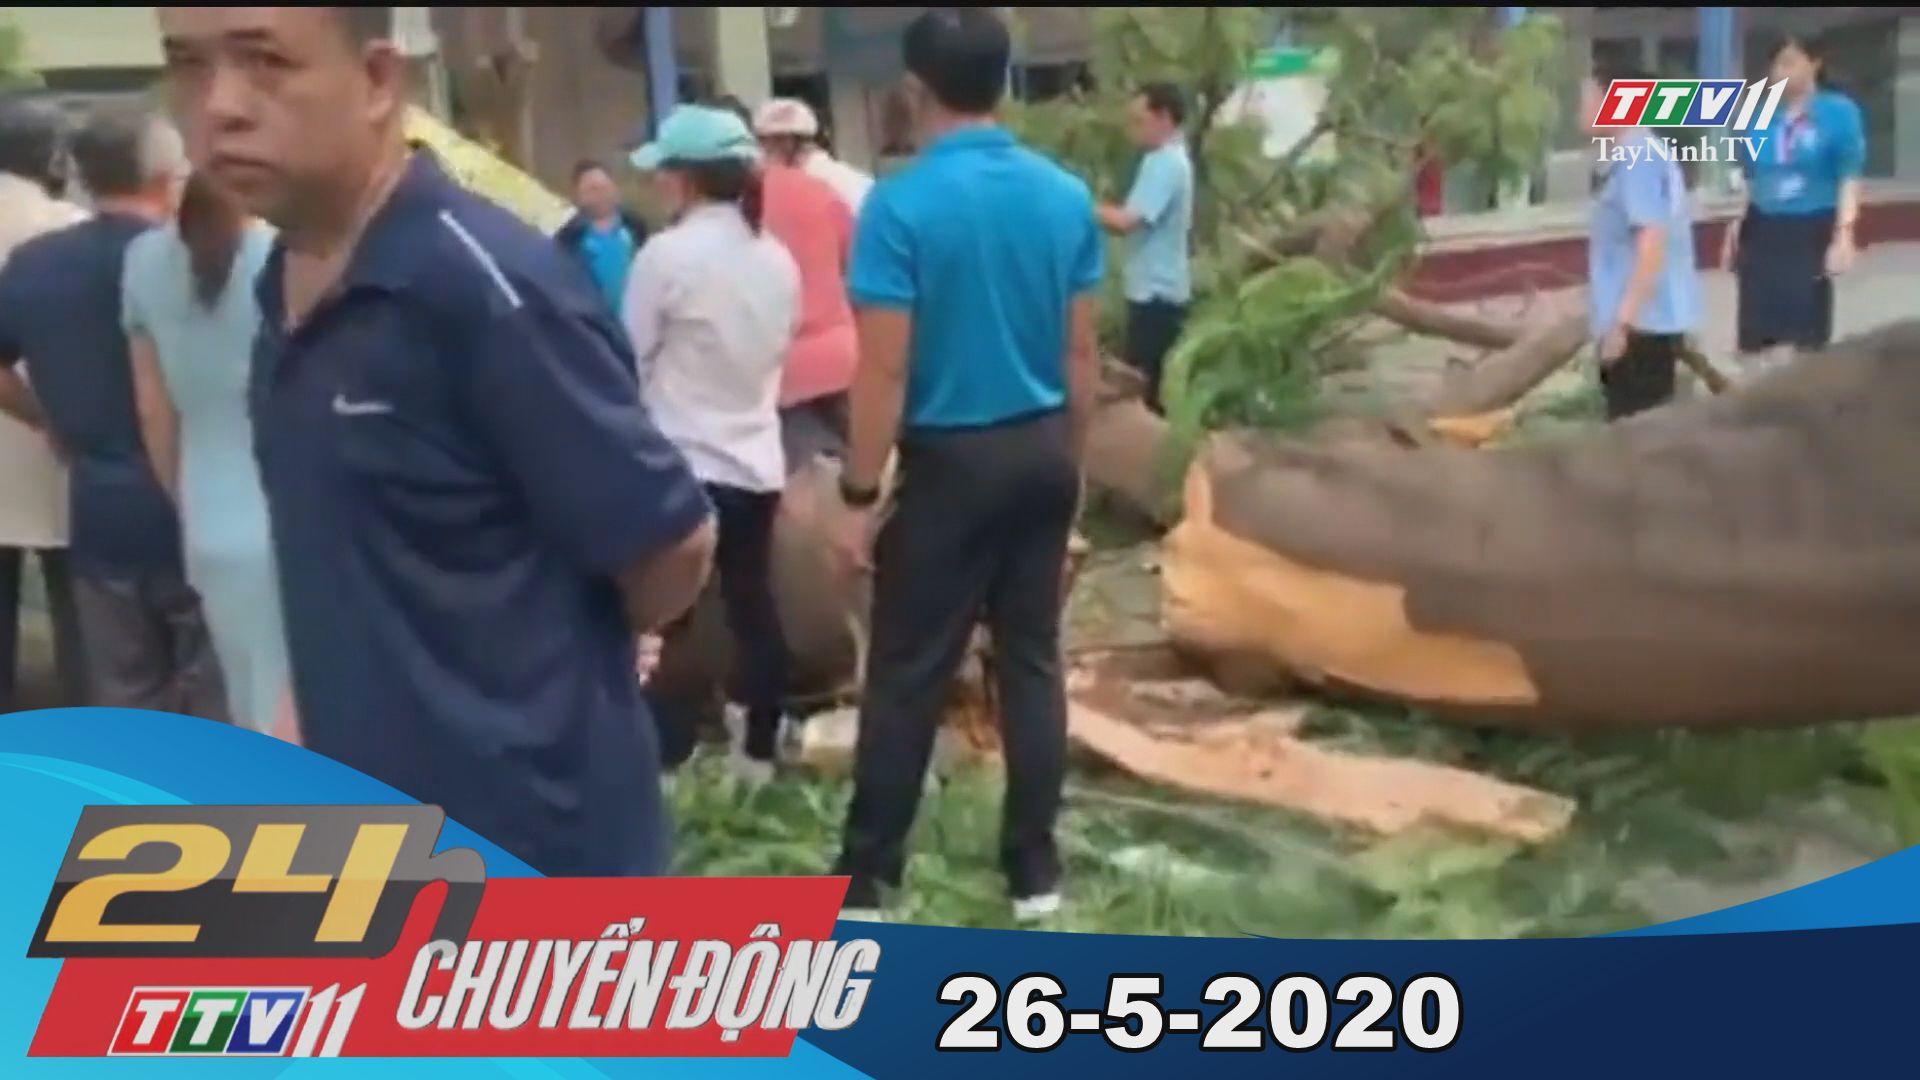 24h Chuyển động 26-5-2020 | Tin tức hôm nay | TayNinhTV